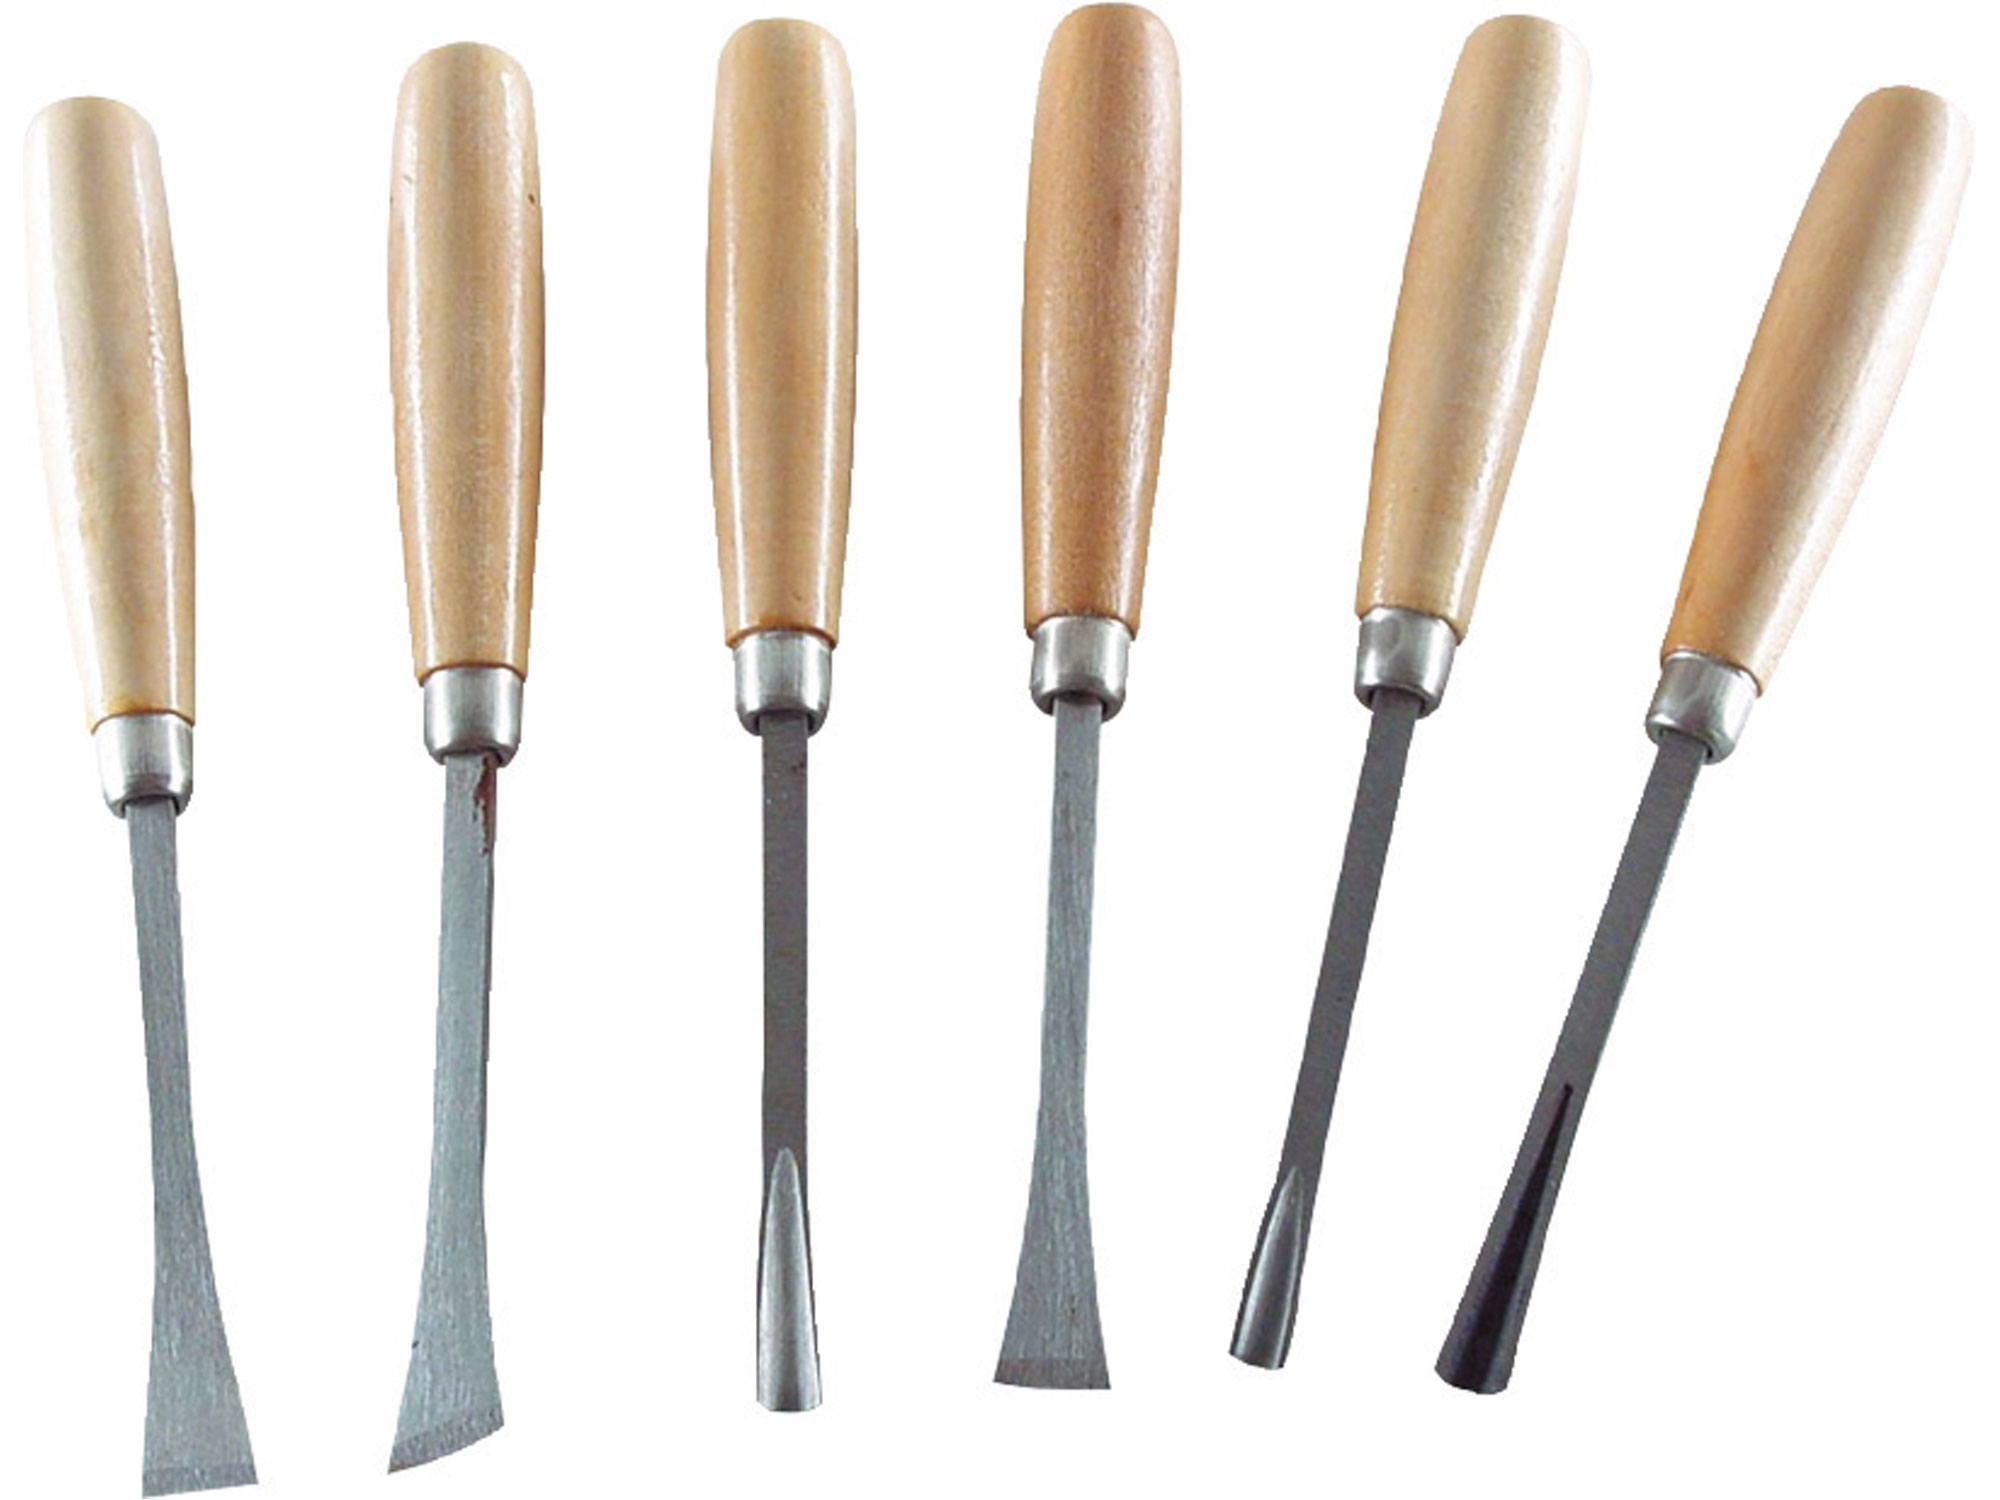 dláta řezbářská s dřevěnou rukojetí, sada 6ks